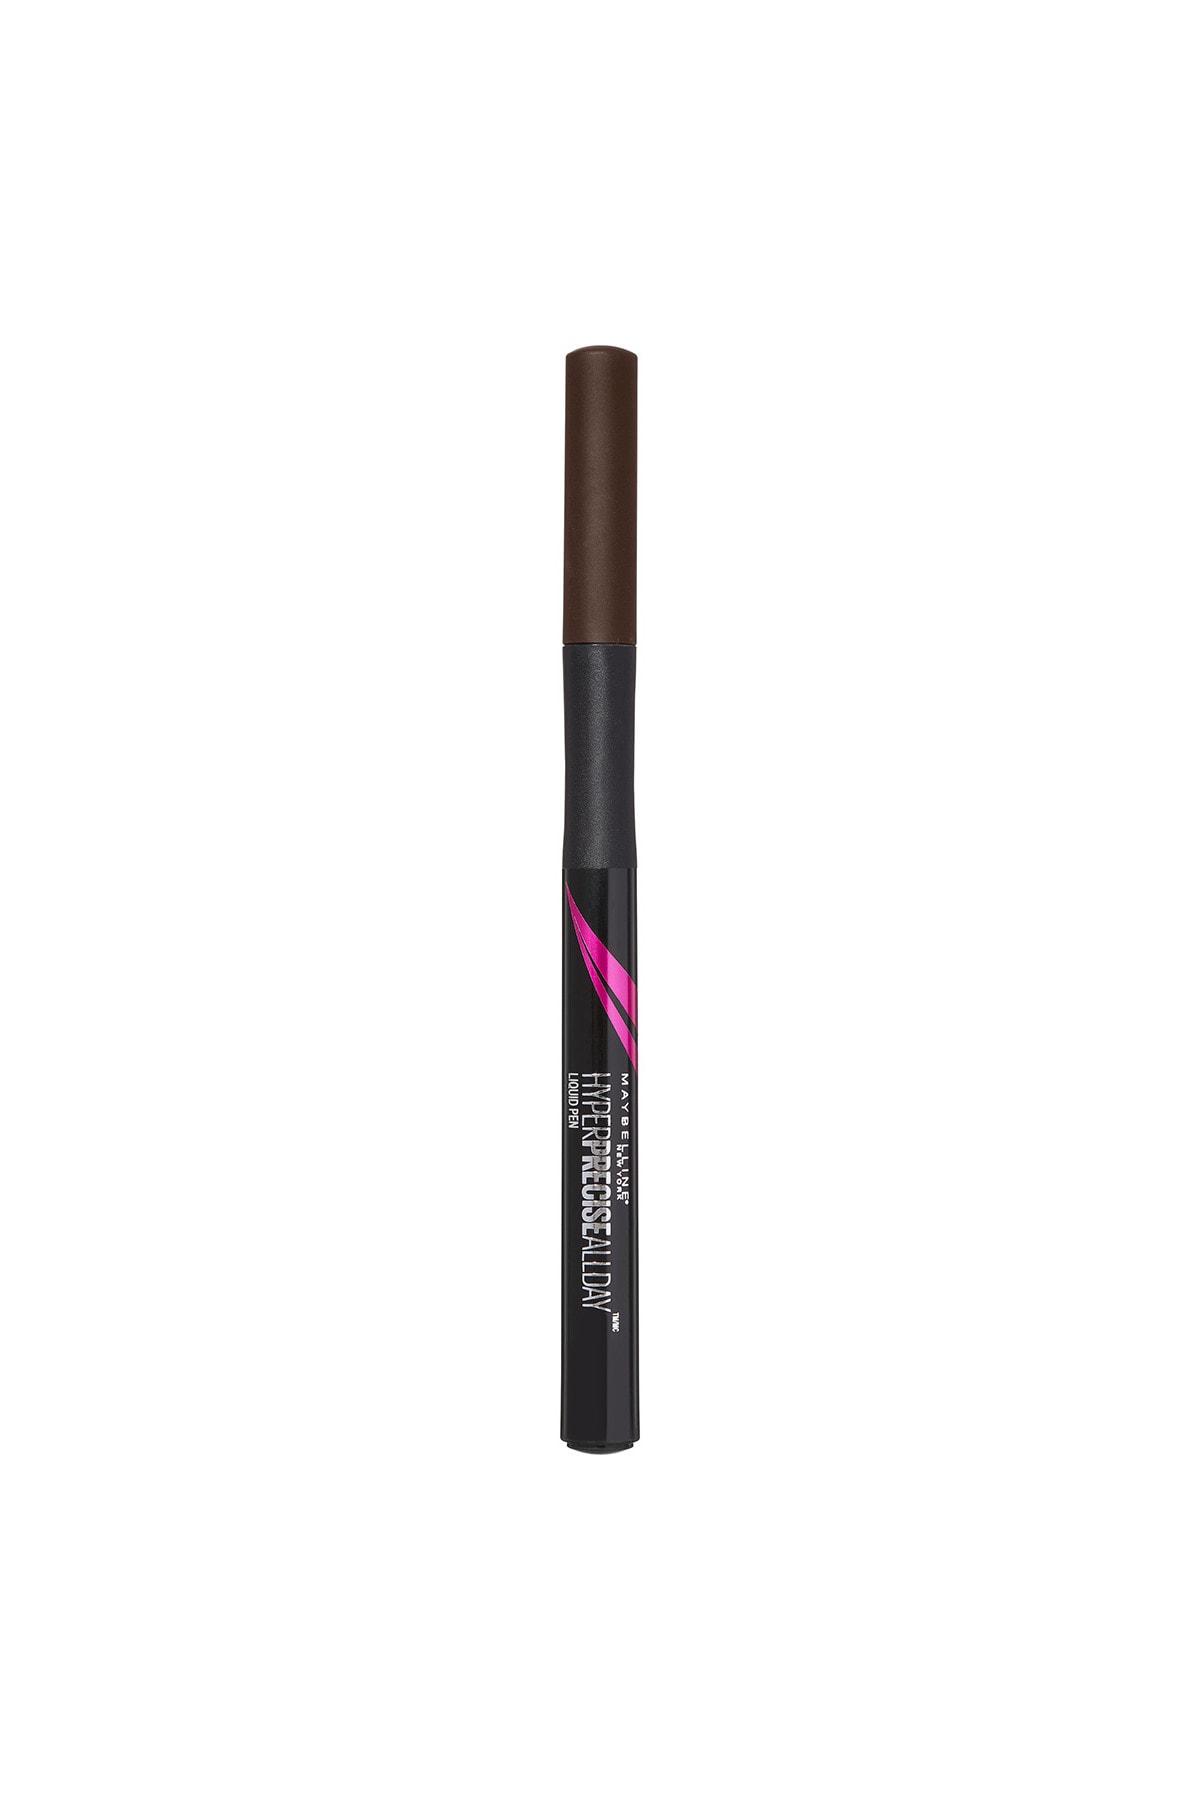 Maybelline New York Kahverengi Likit Eyeliner - Hyper Precise All Day Liquid Eyeliner Brown 3600531047795 1